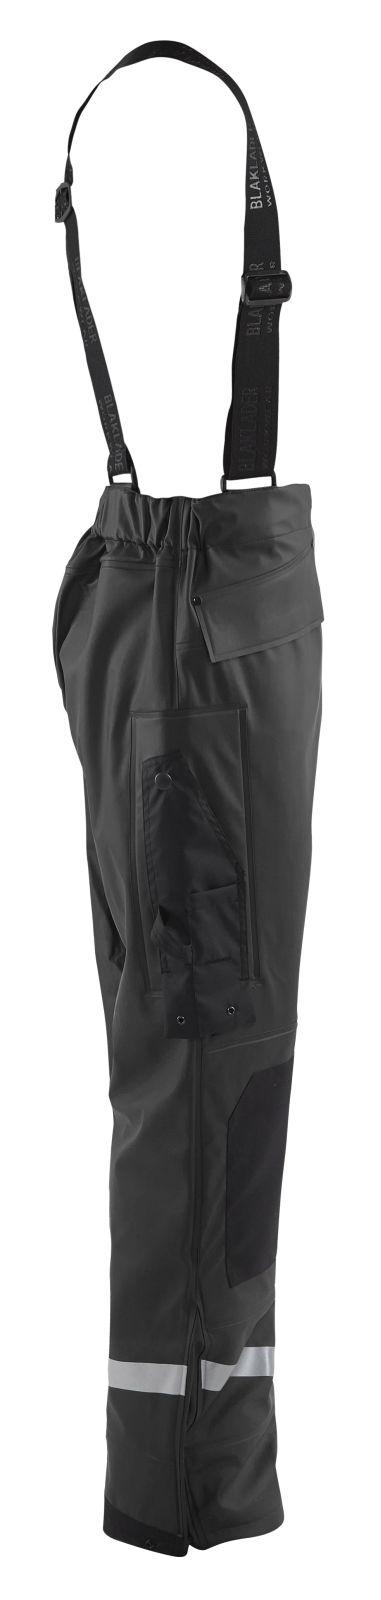 Blaklader Regenbroeken 13052003 zwart(9900)